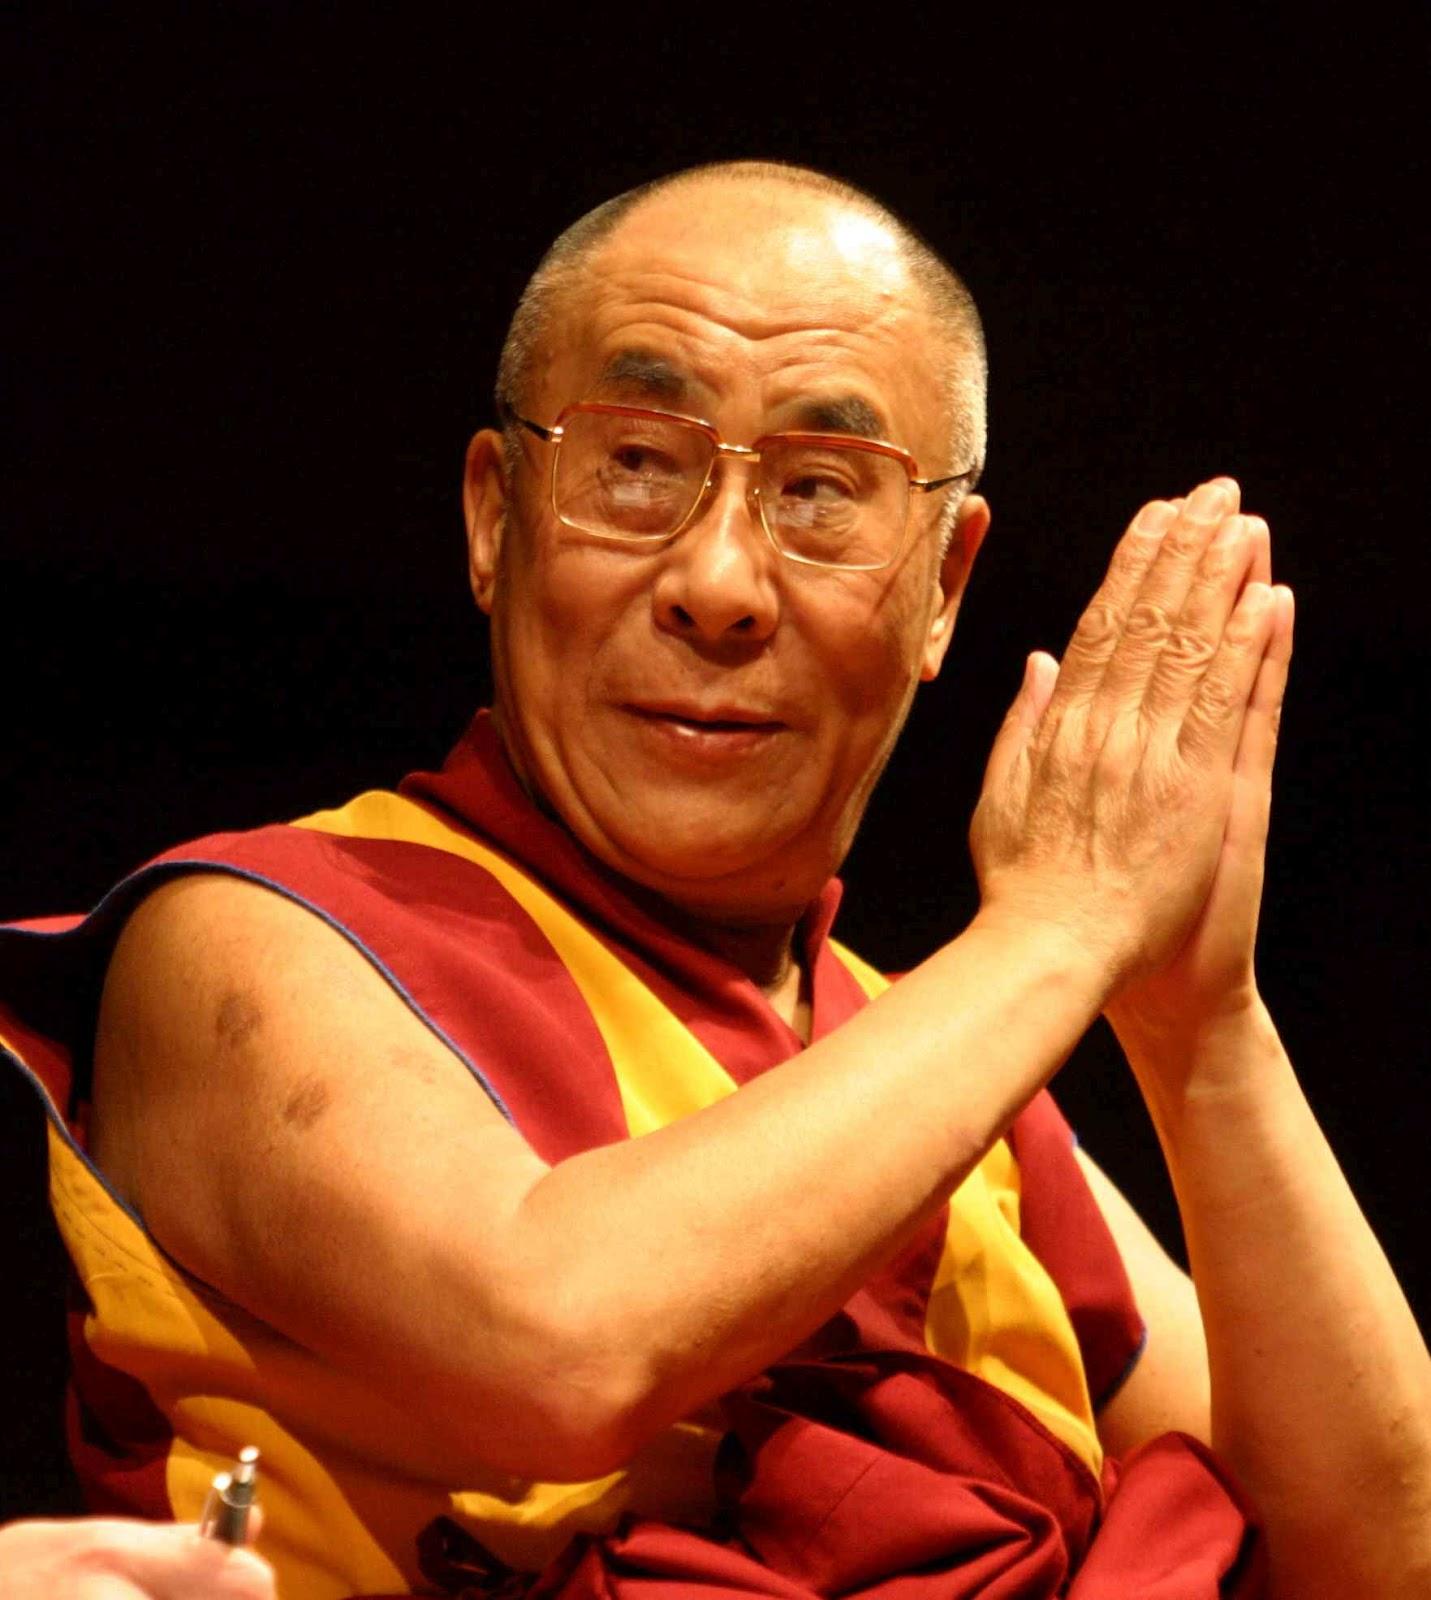 http://2.bp.blogspot.com/-9kU2Vw6cNzs/UDA4vHK3vPI/AAAAAAAABKU/gFjdbHBaYns/s1600/dalai-lama-1.jpg